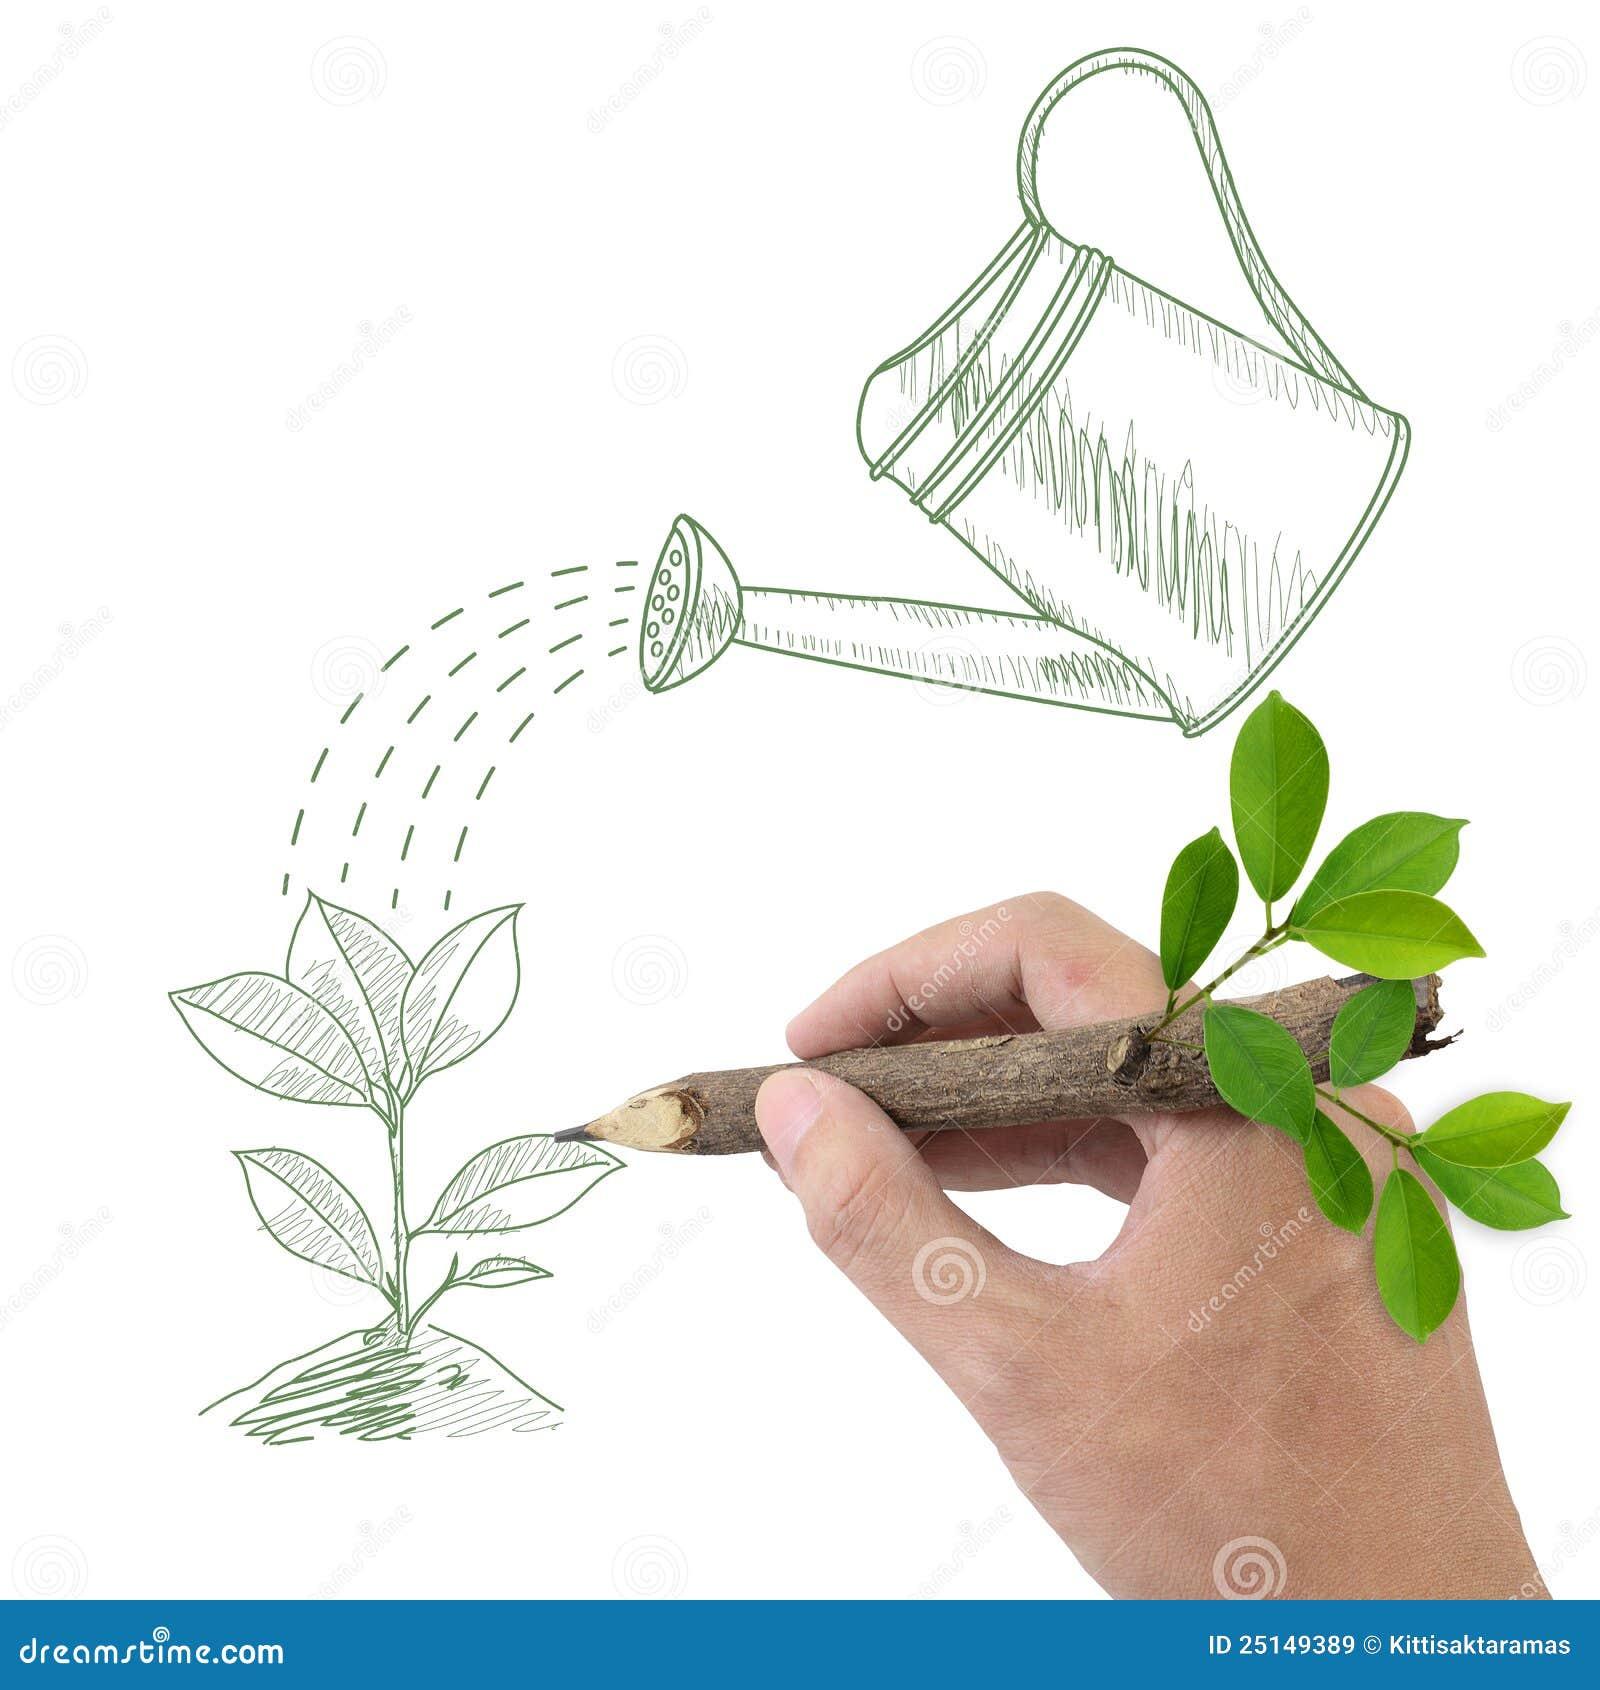 plante verte et bidon d 39 arrosage de dessin images libres de droits image 25149389. Black Bedroom Furniture Sets. Home Design Ideas